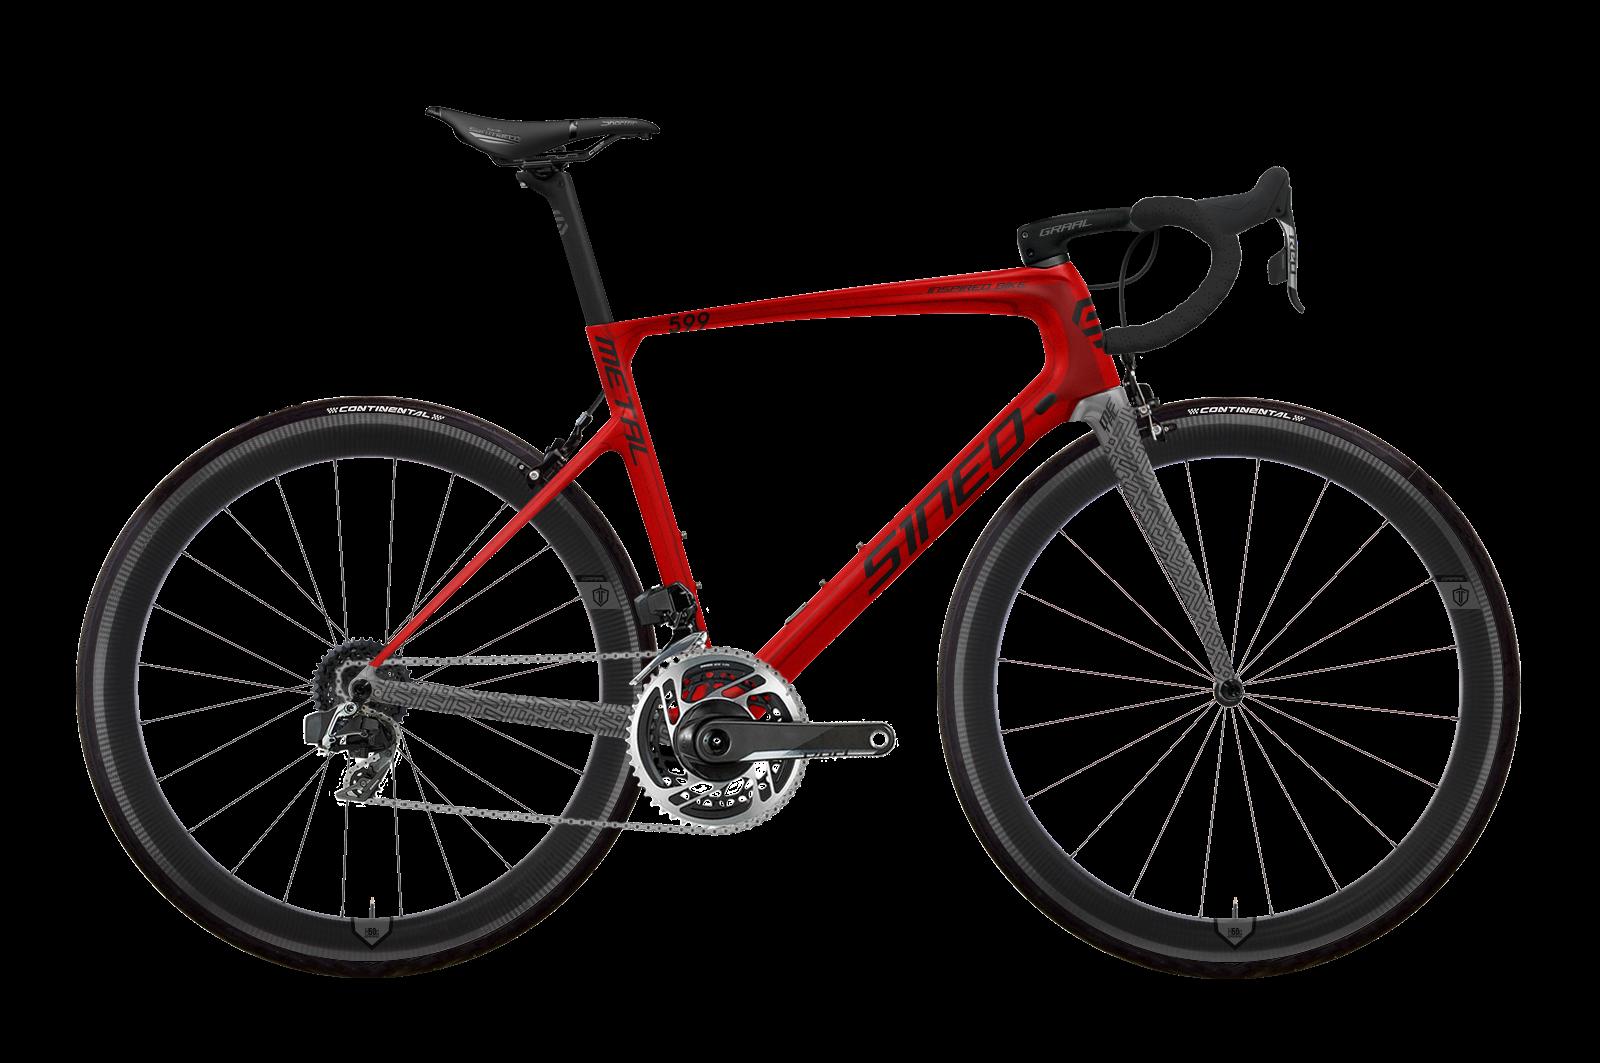 599 Metal - Sram Red AXS eTap